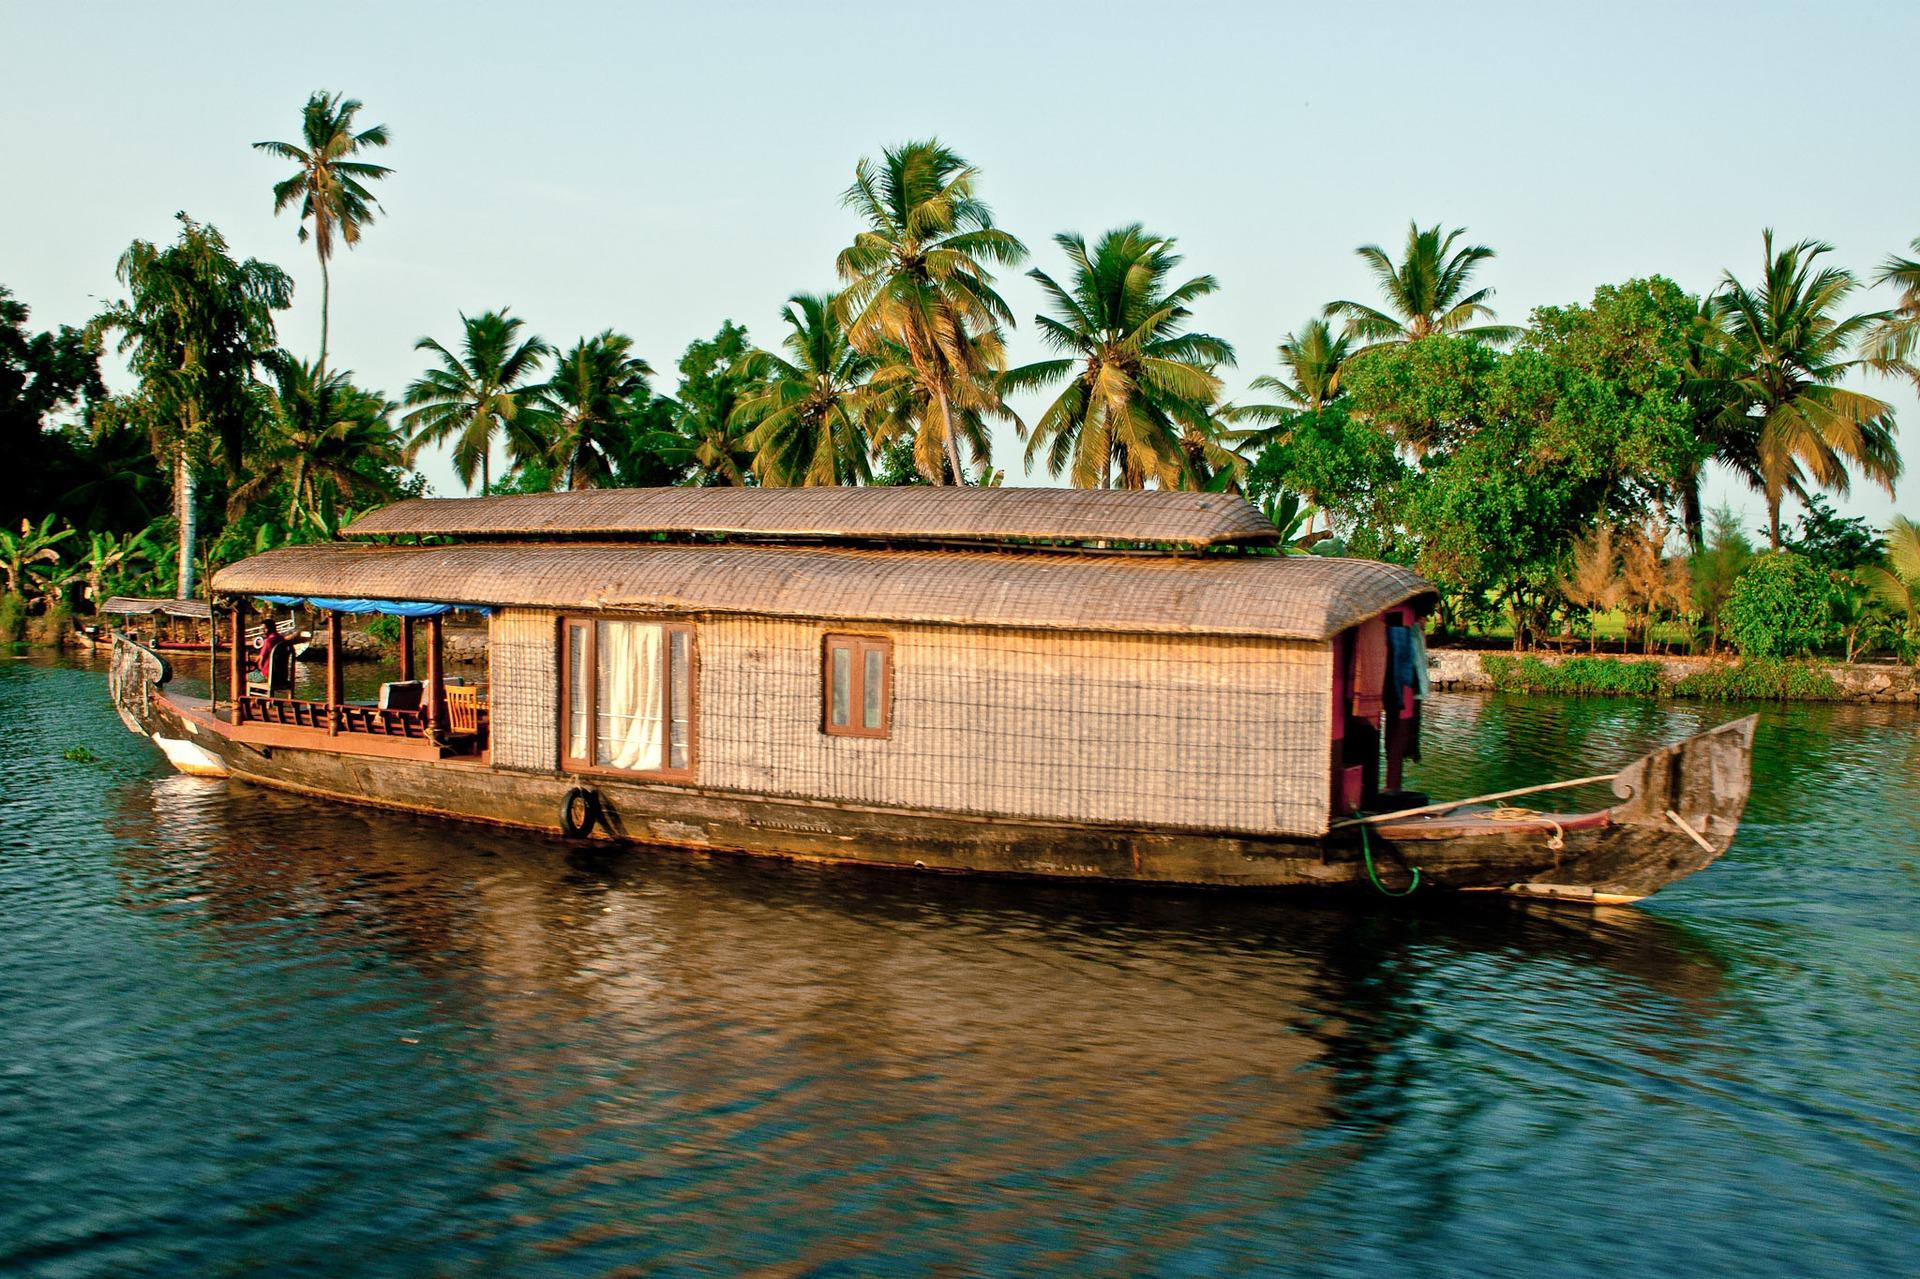 Votre House Boat dans les Backwaters à Alleppey